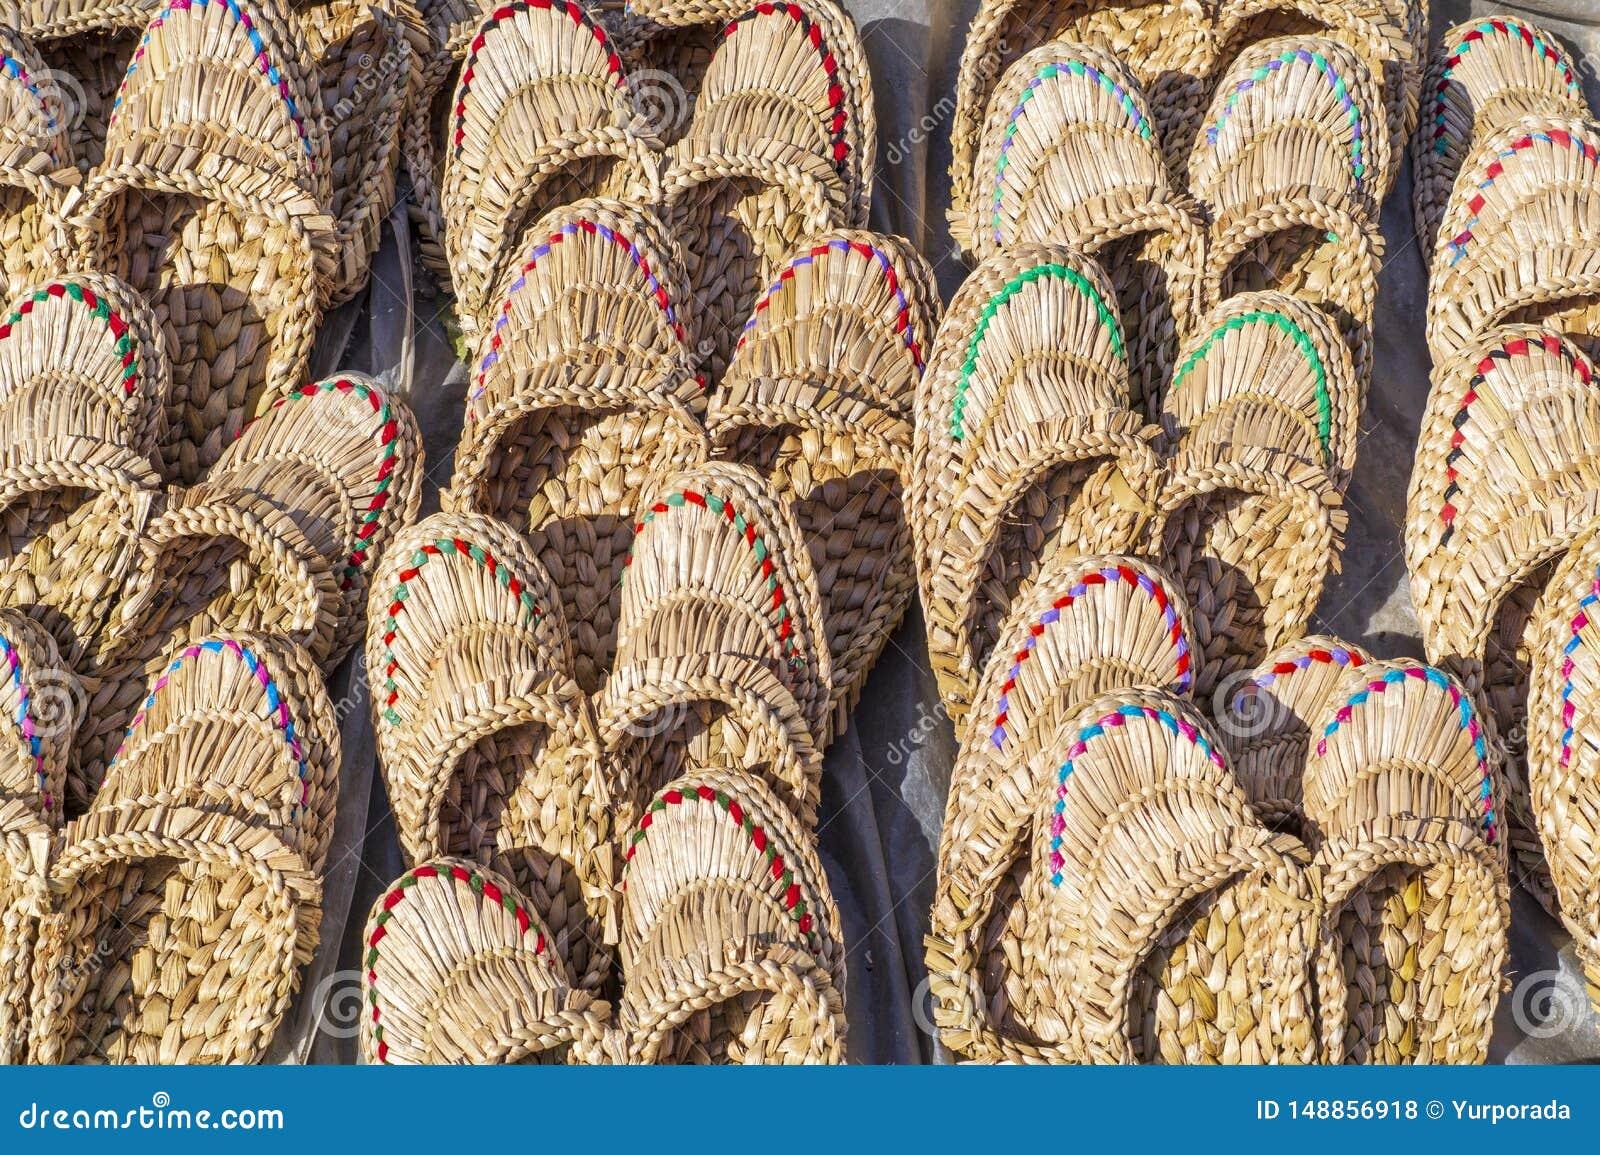 Straw Slippers som ?r till salu, f?r kvinnor eller m?n av ljusa f?rger